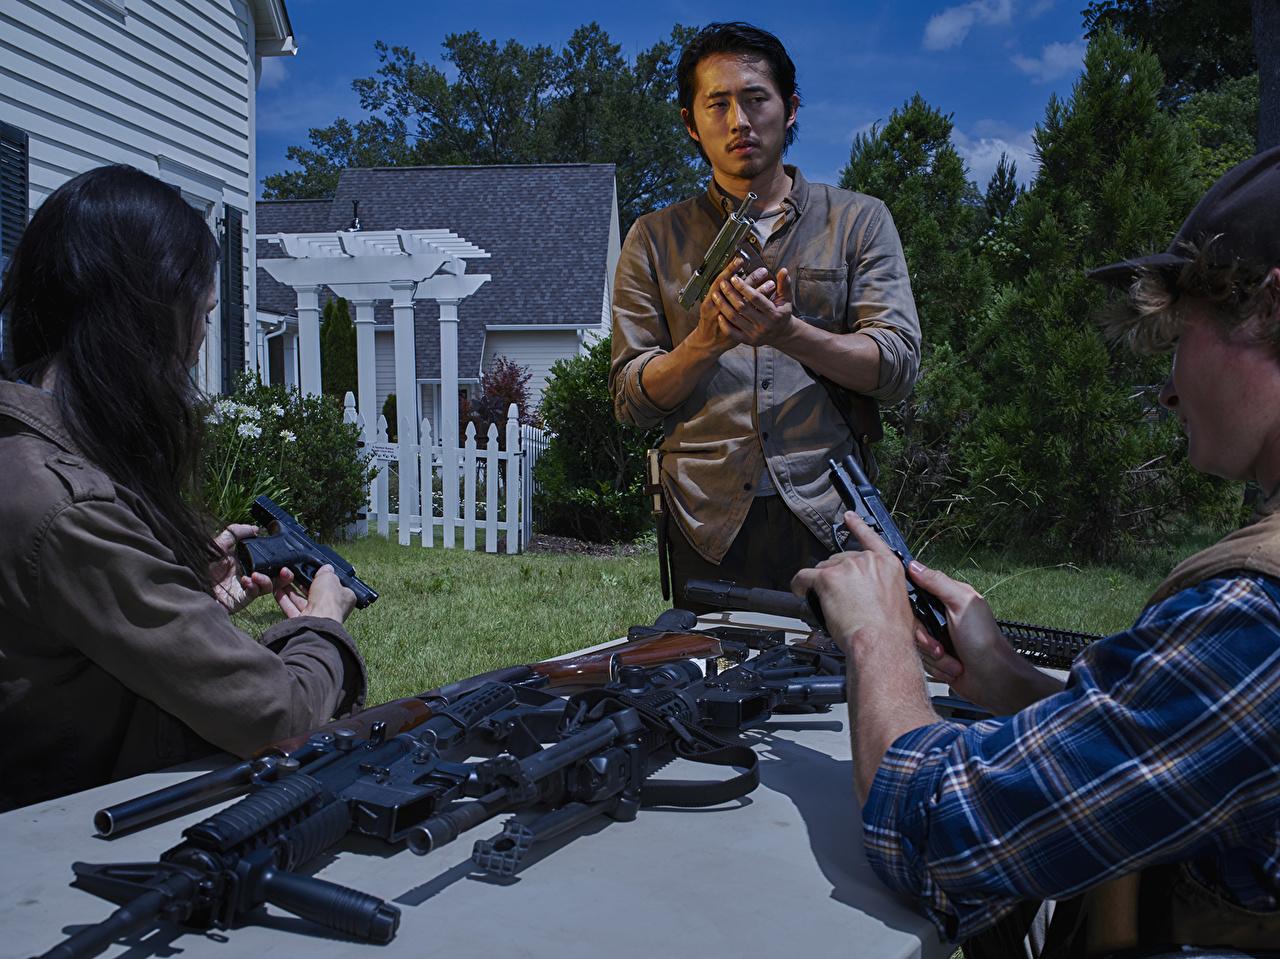 Wallpaper The Walking Dead Tv Steven Yeun Pistol Man Glenn Film